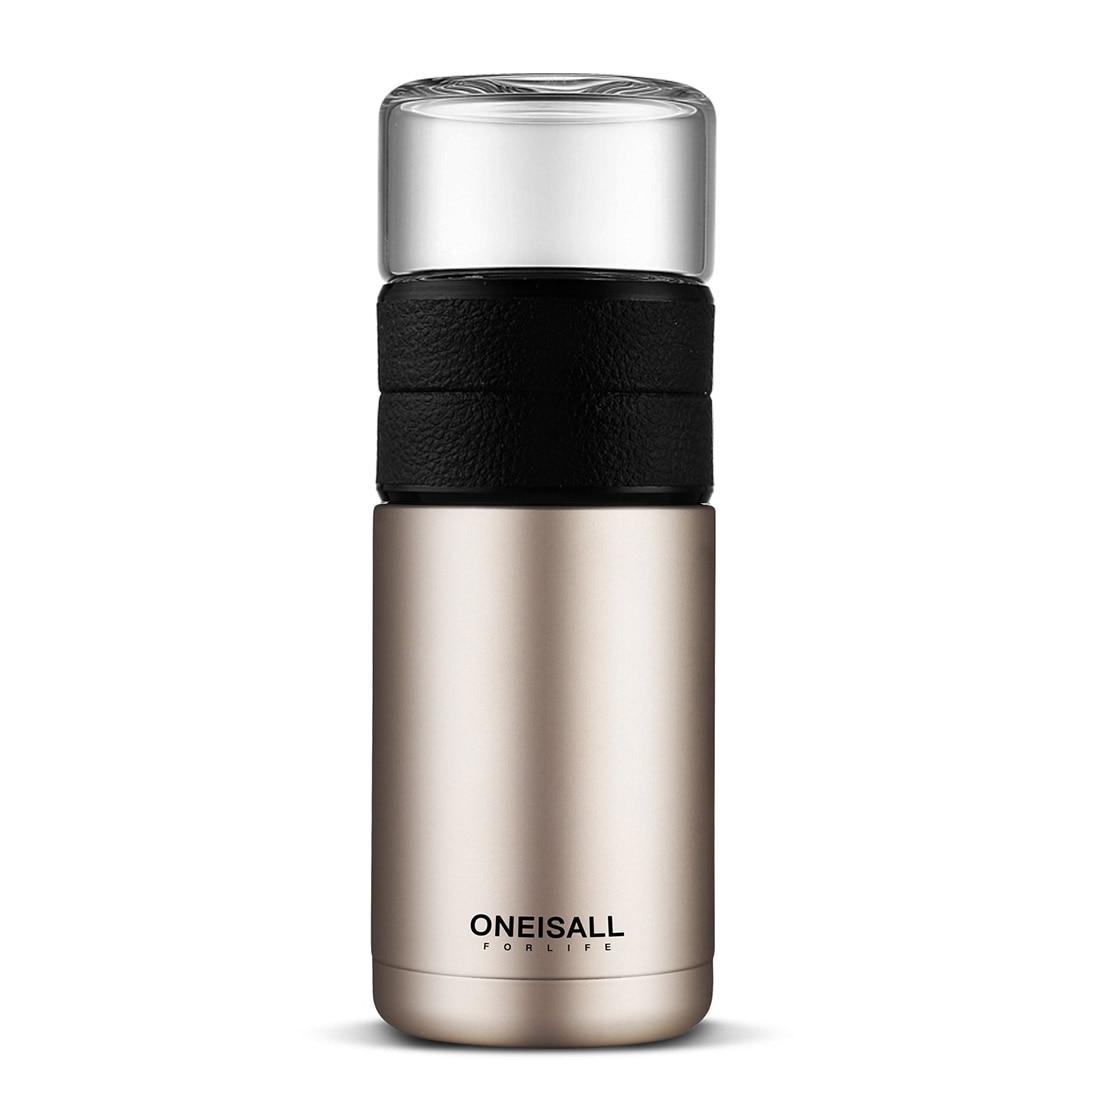 H9e28da1f25e64316b741f83c592ceacf5 - Thermofuse flask